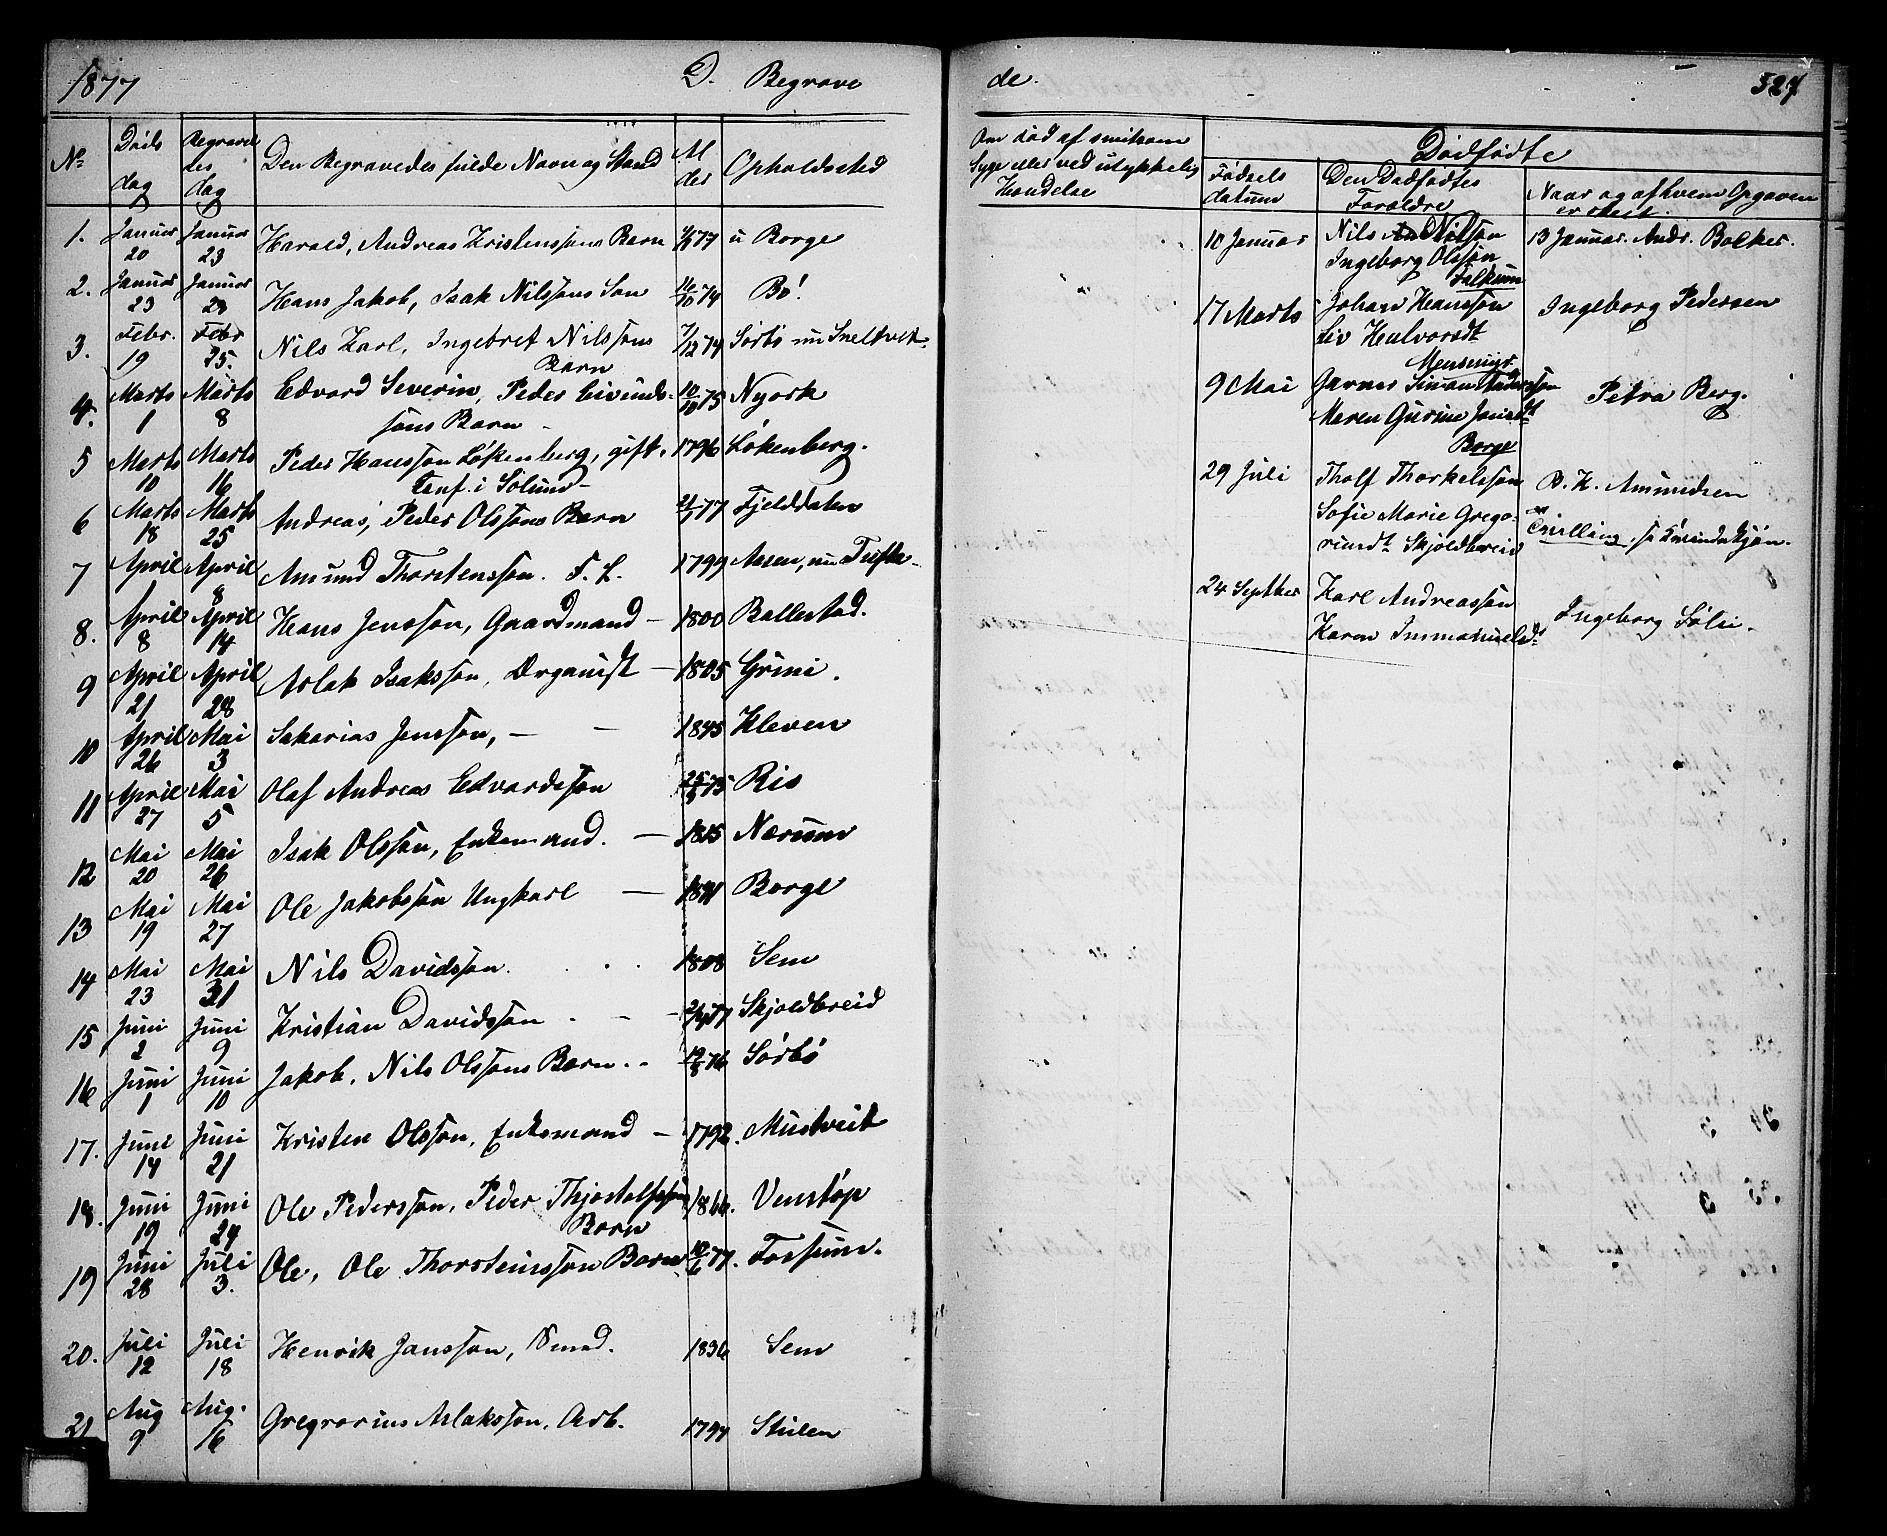 SAKO, Gjerpen kirkebøker, G/Ga/L0001: Klokkerbok nr. I 1, 1864-1882, s. 327